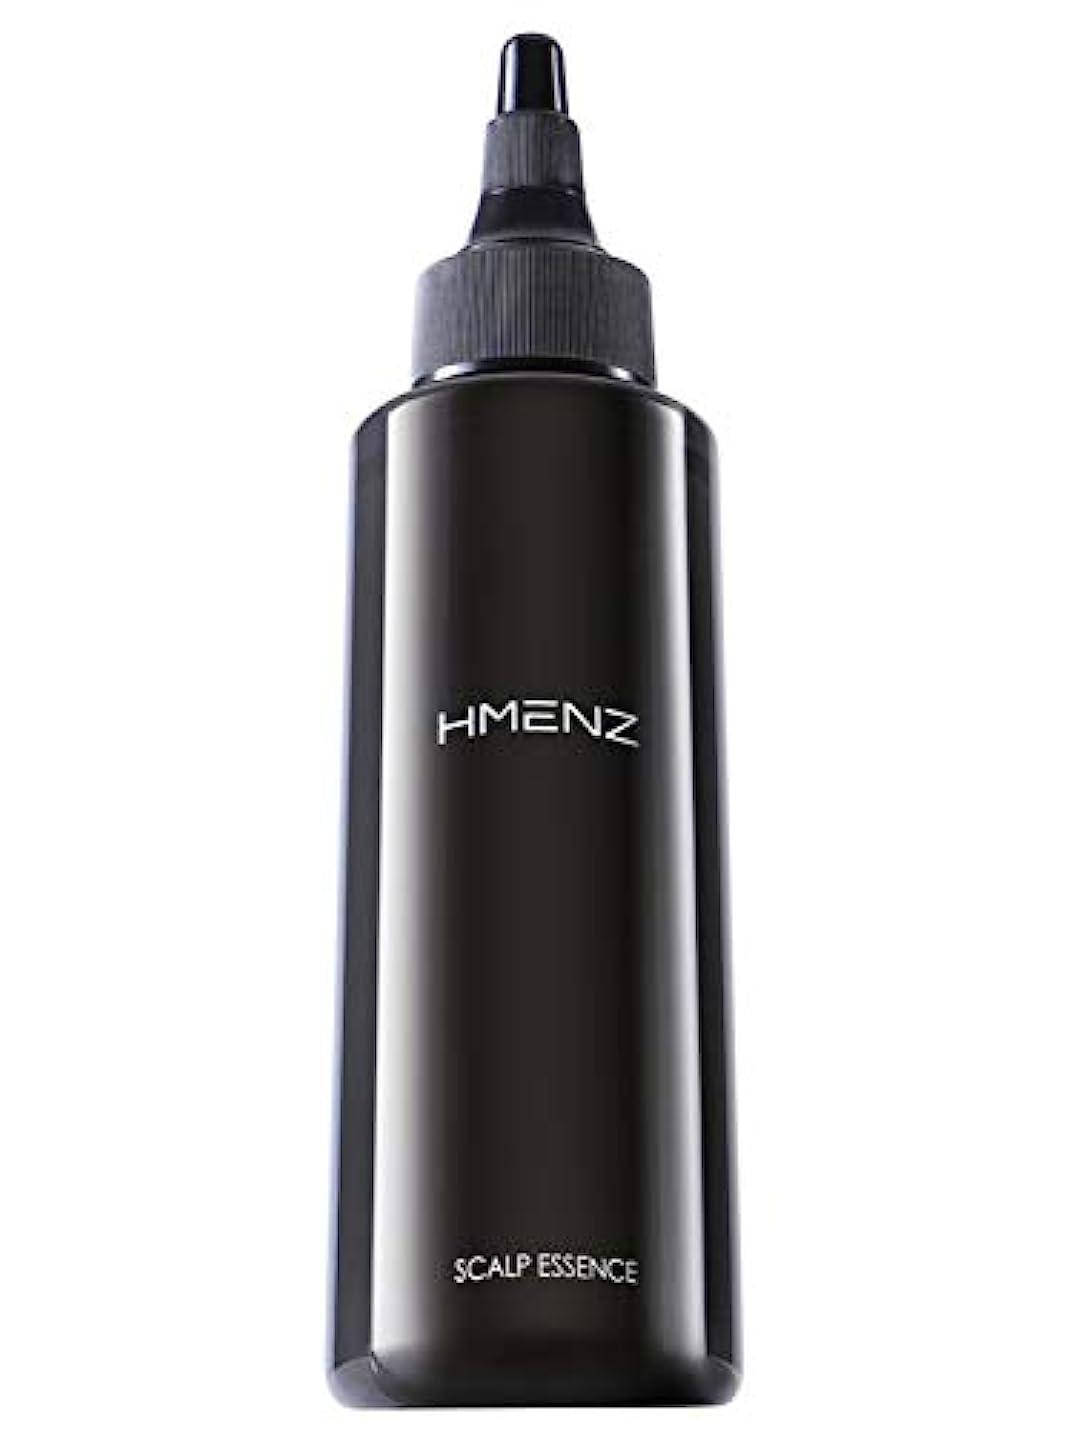 一目ラッシュ経度医薬部外品 HMENZ メンズ 育毛剤 スカルプエッセンス 毛髪エイジングケアシリーズ 和漢根 海藻配合 育毛トニック 120ml